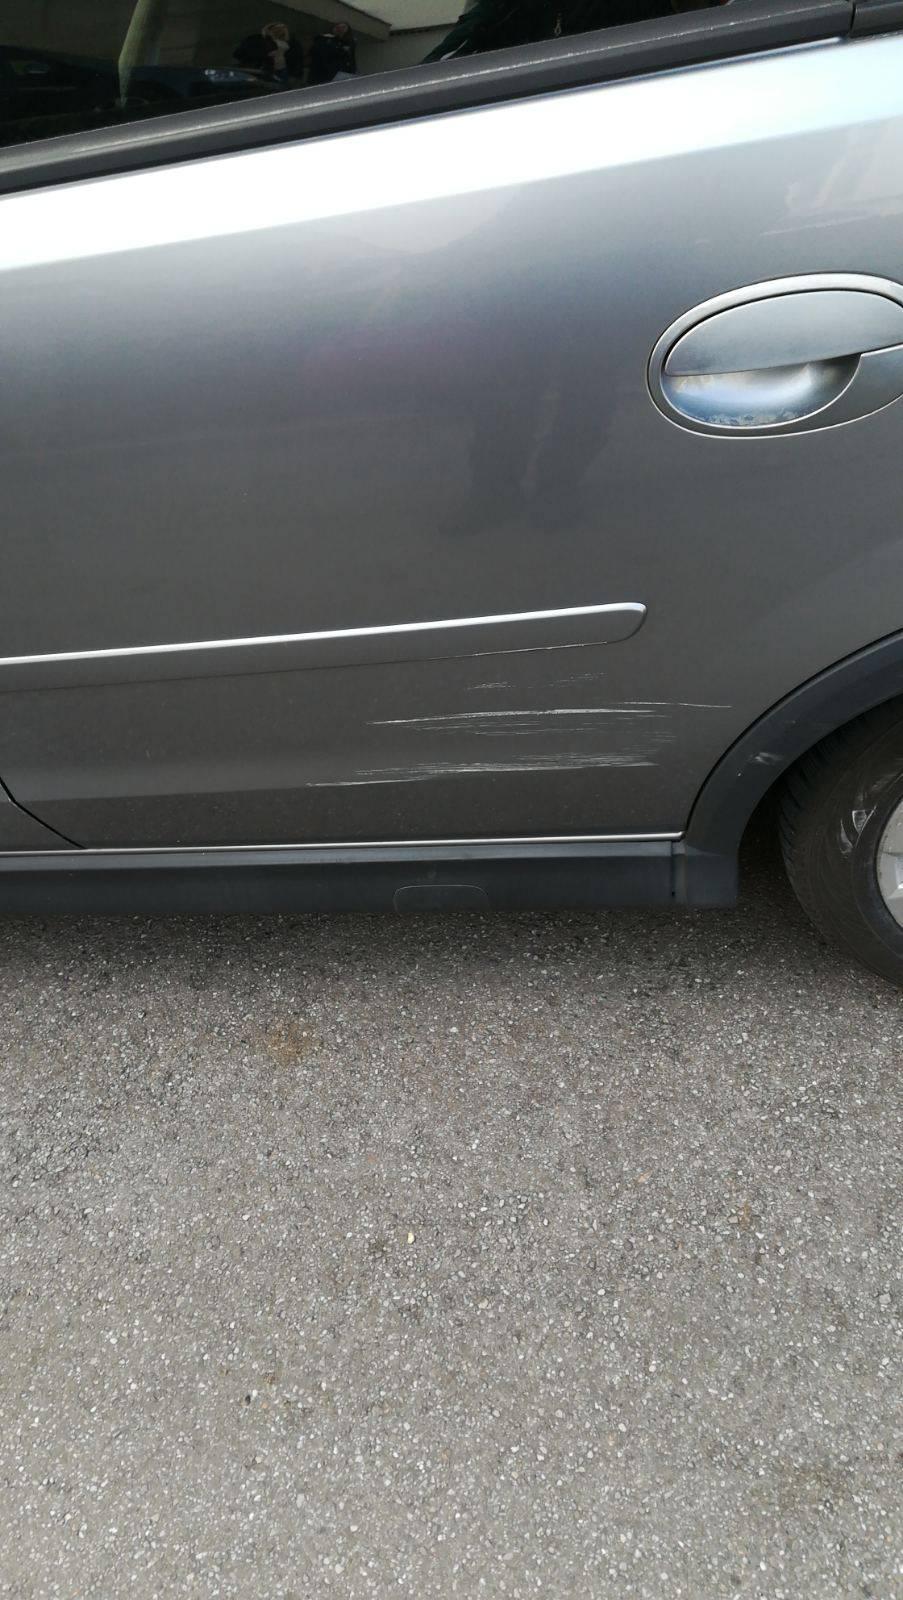 Riječanin: Netko mi je ogrebao auto, a onda sam vidio poruku